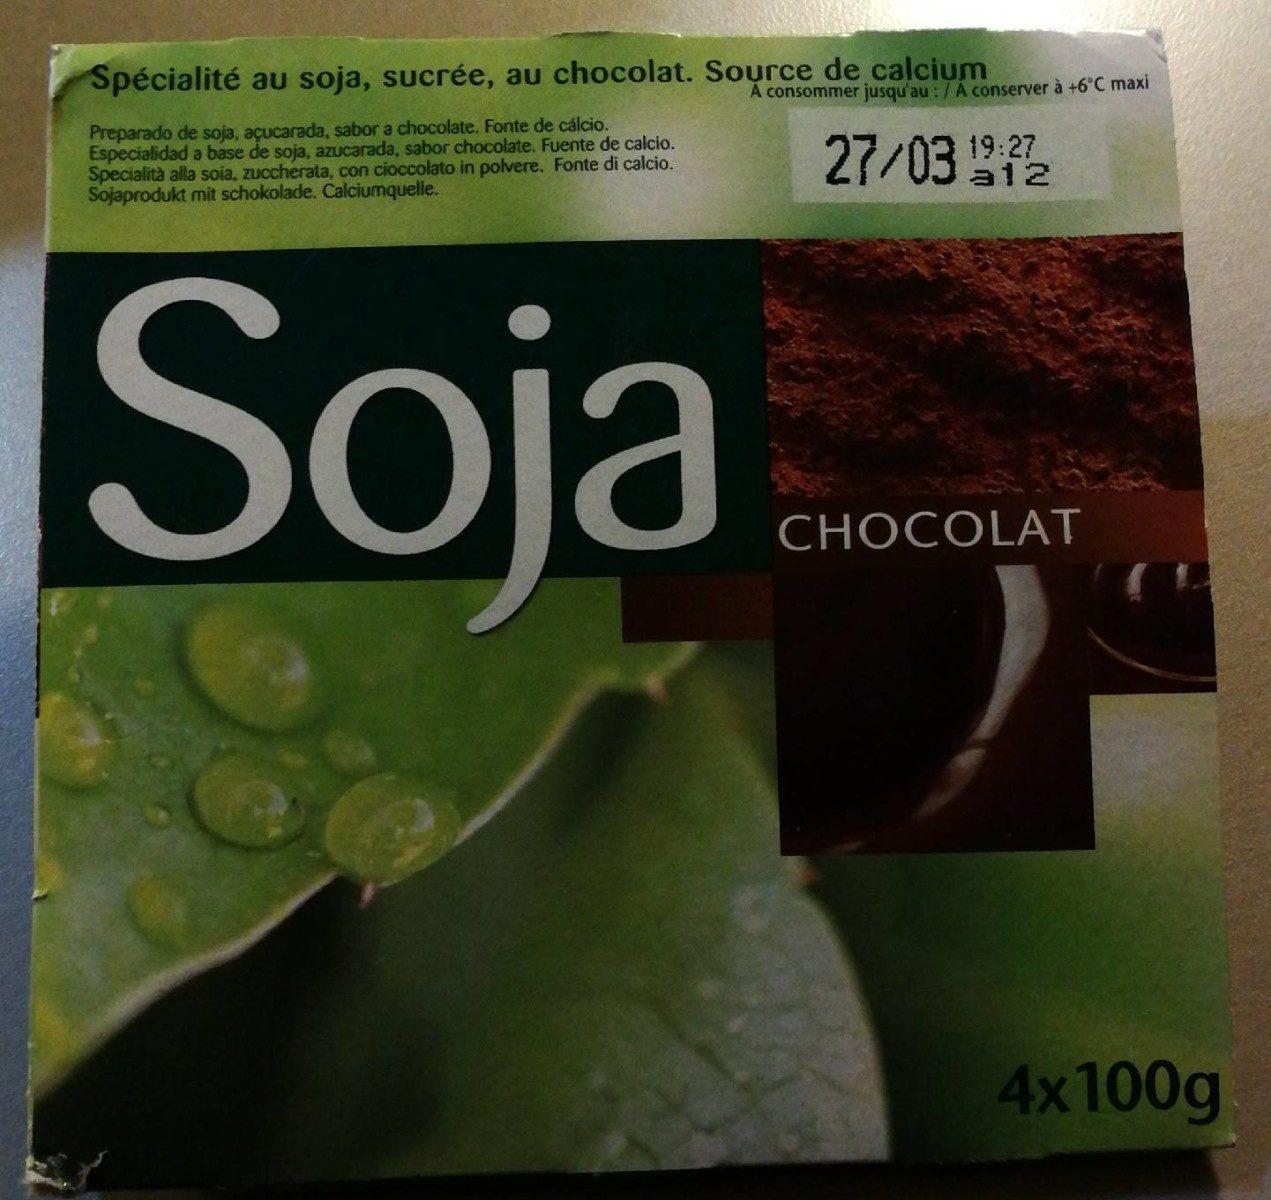 Soja chocolat - Produit - fr